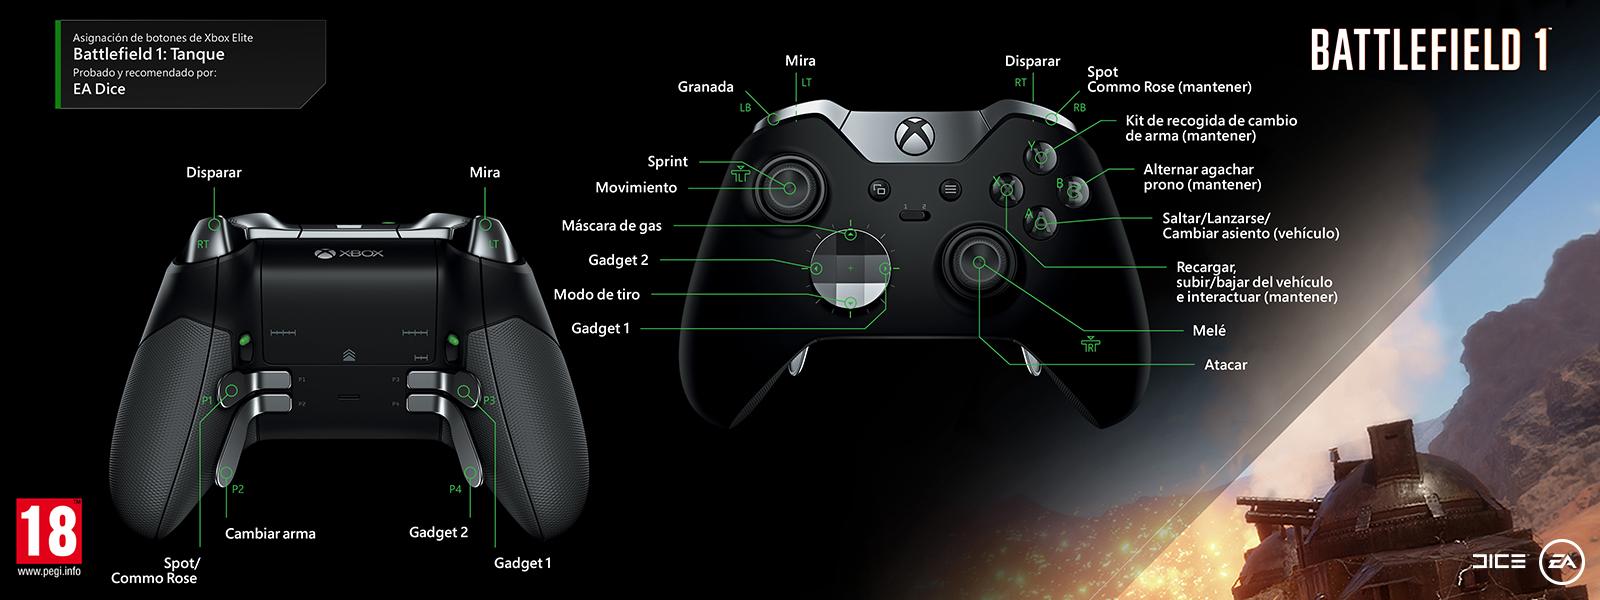 Battlefield 1: tanquero (asignación de funciones del mando Elite)